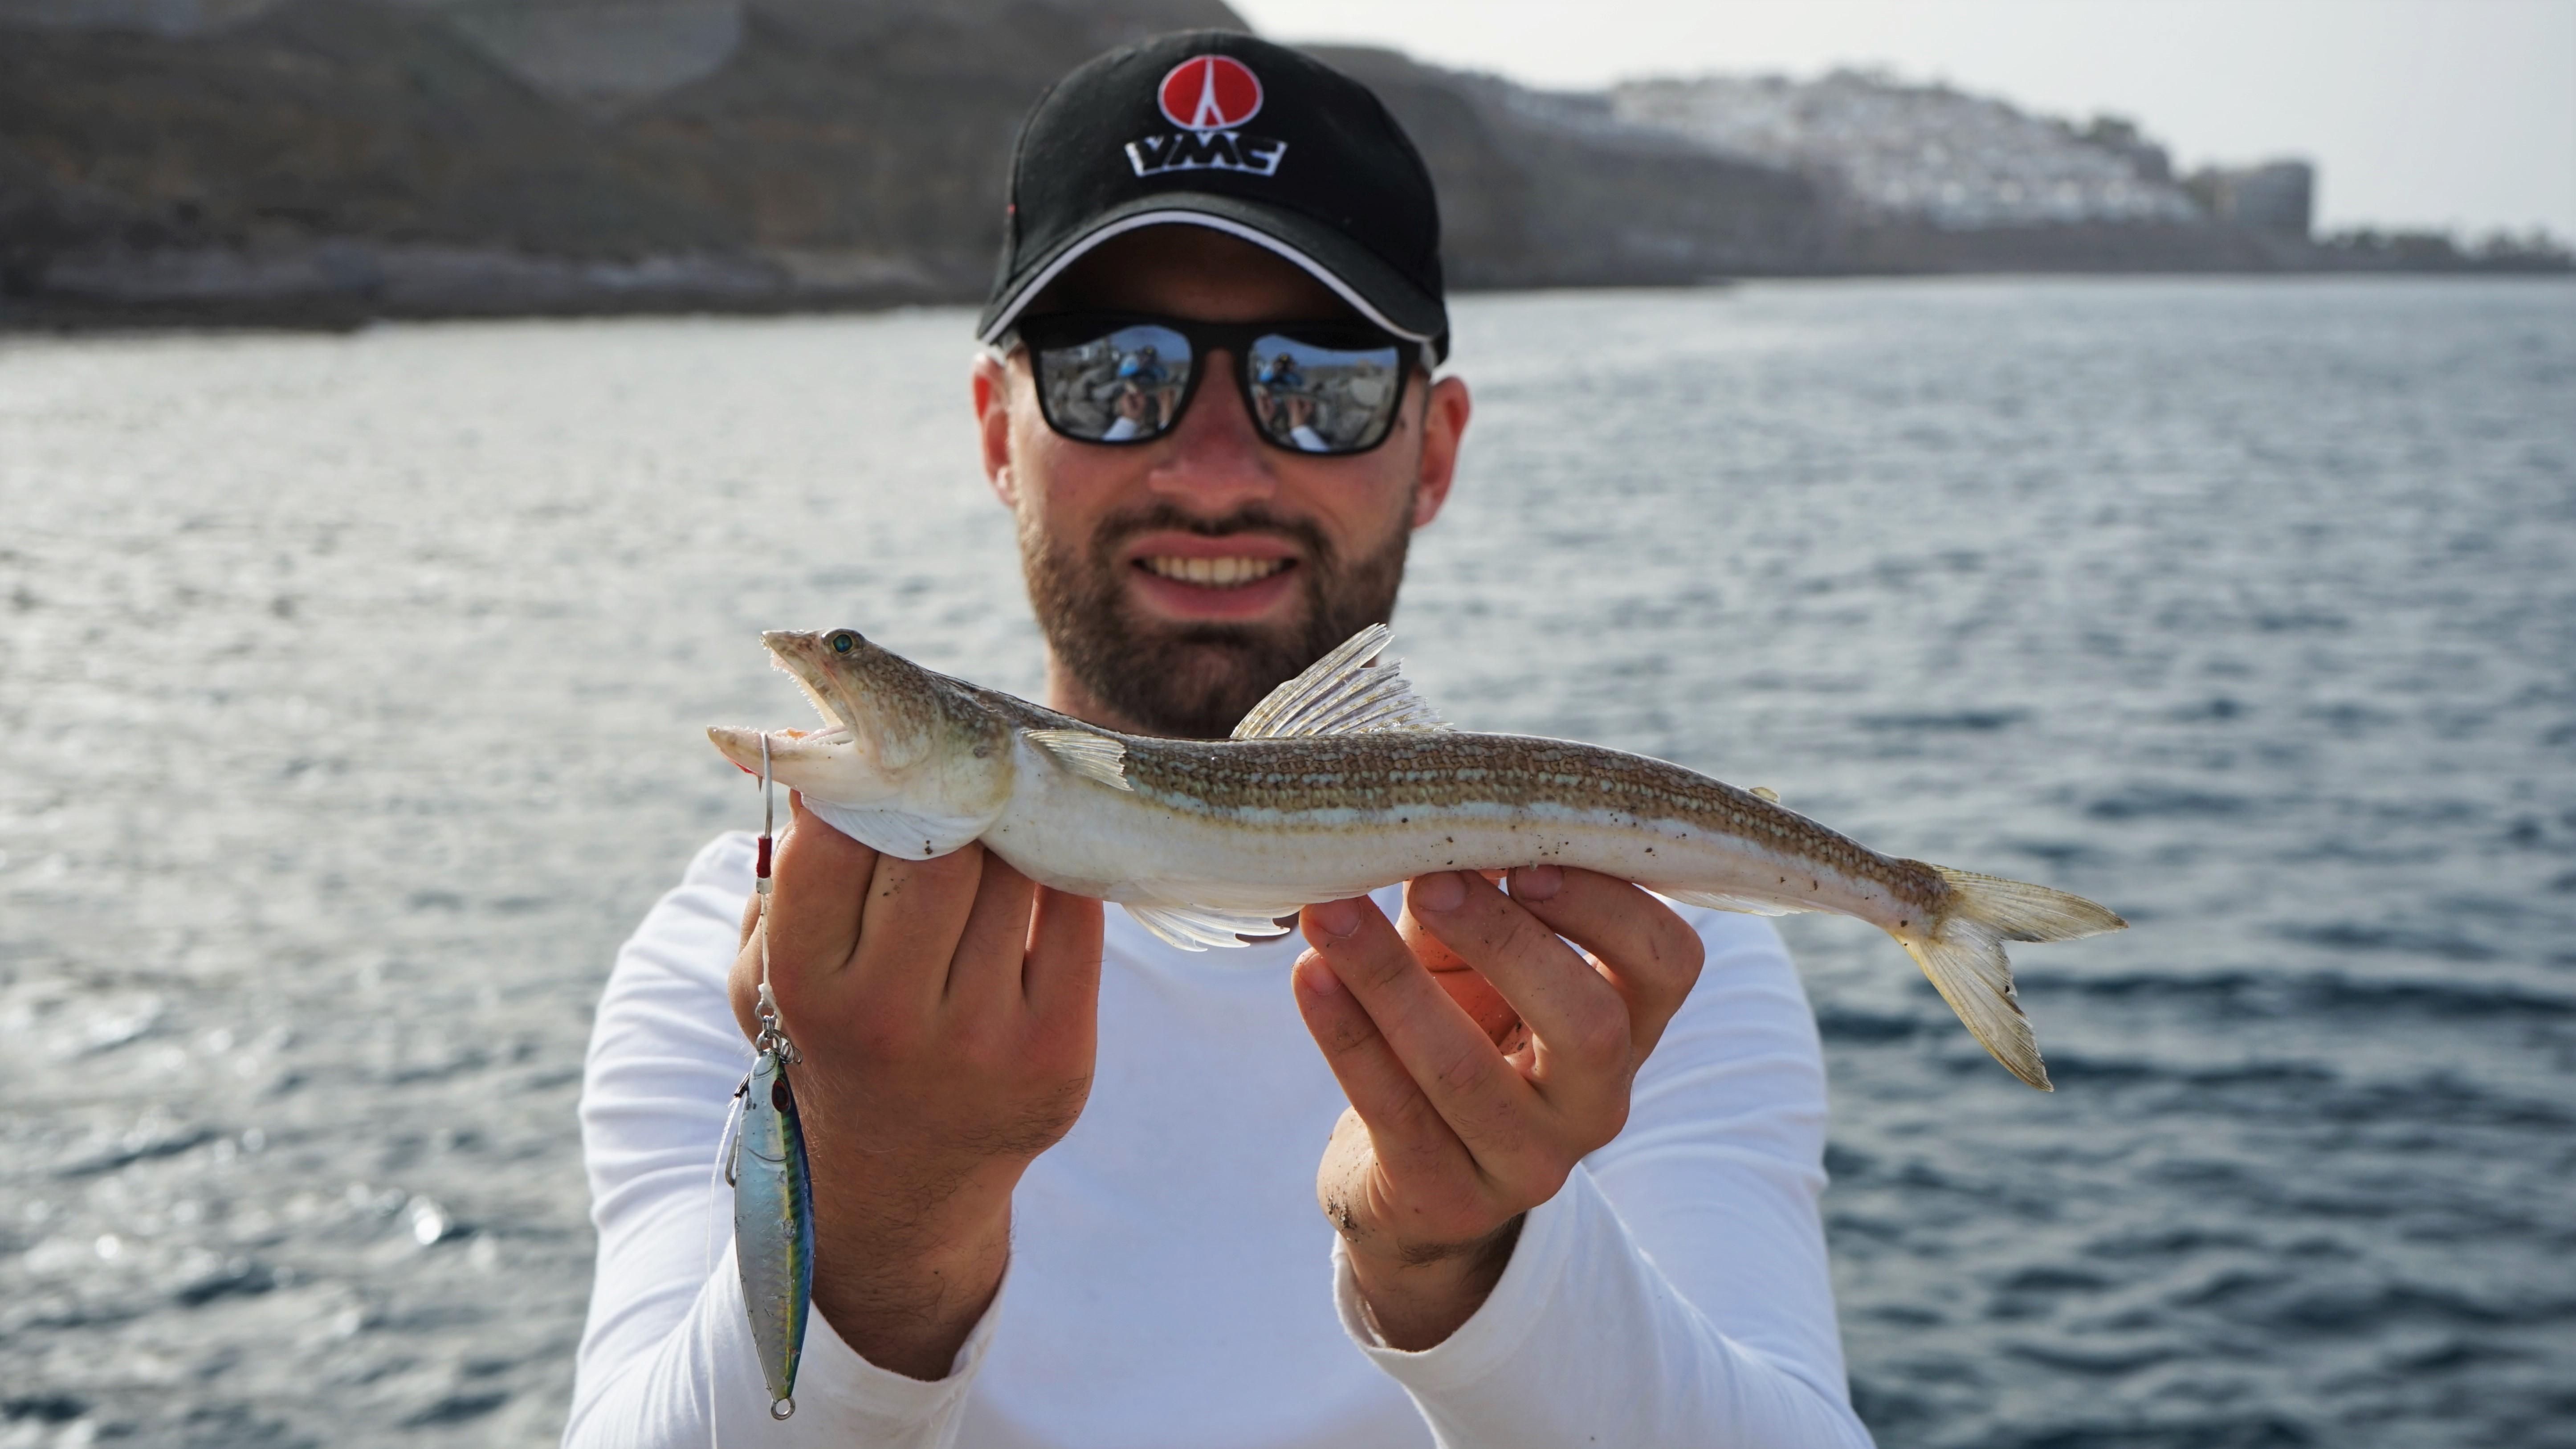 Johannes Höfner | Atlantischer Eidechsenfisch | Synodus saurus | 33cm | Atlantischer Ozean | Spanien | 10. Juni 2021